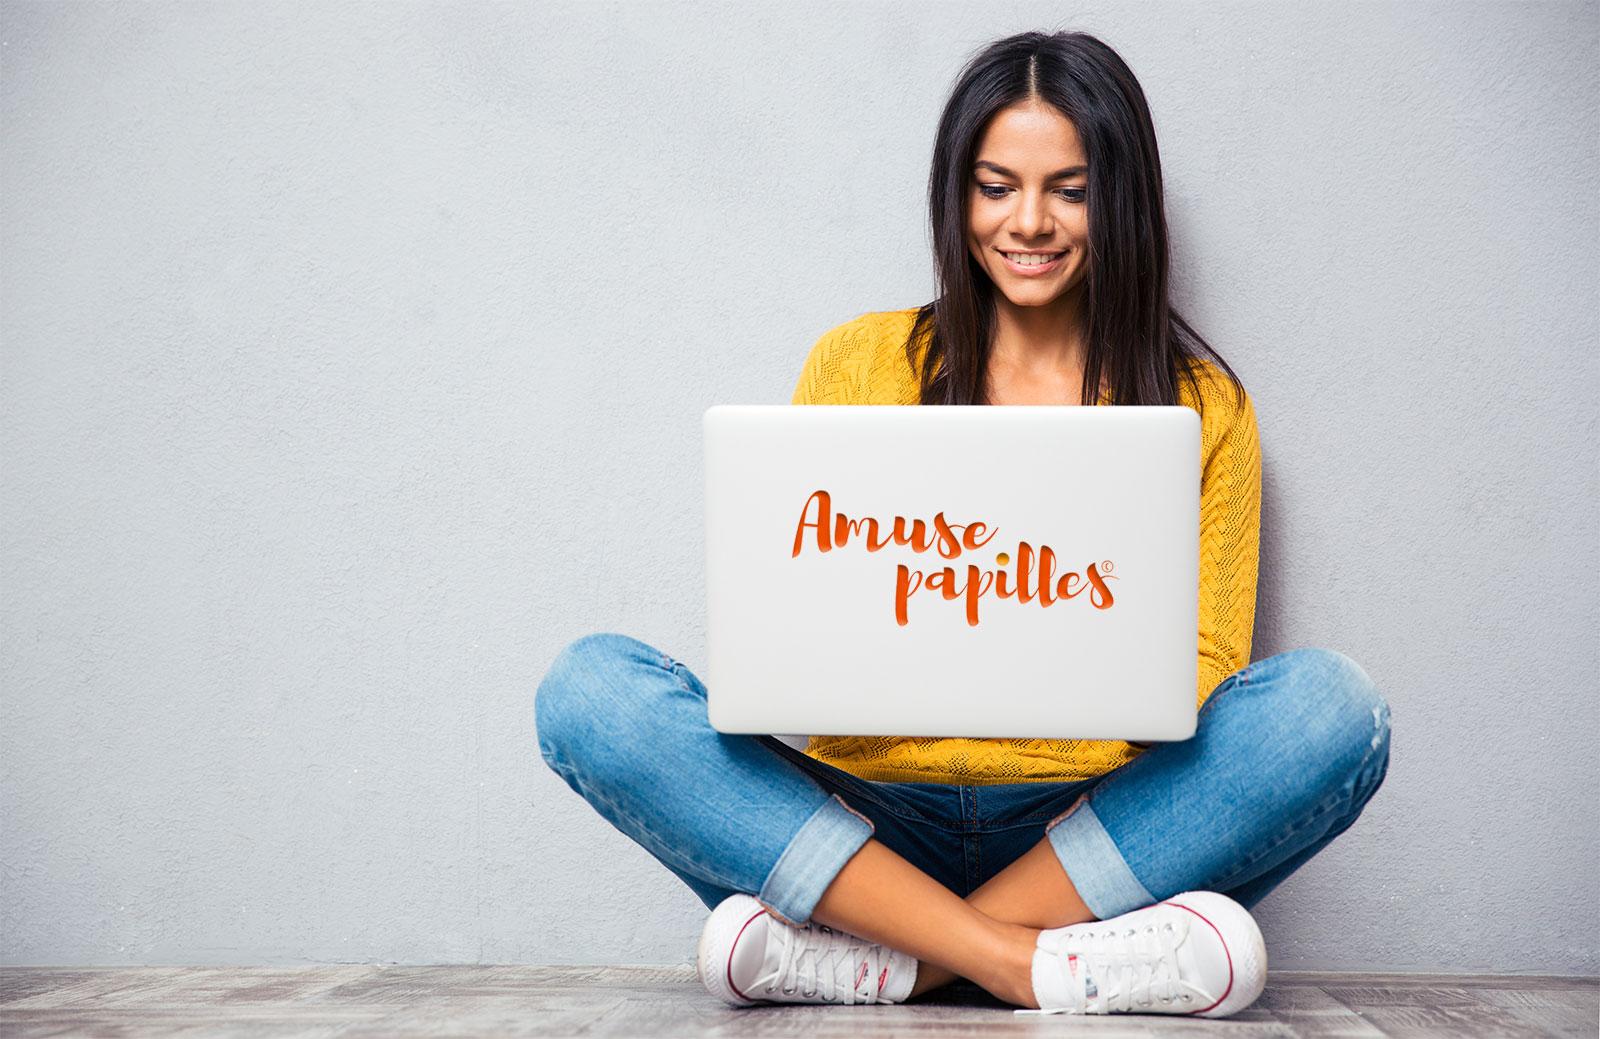 Une fille devant un ordinateur portable